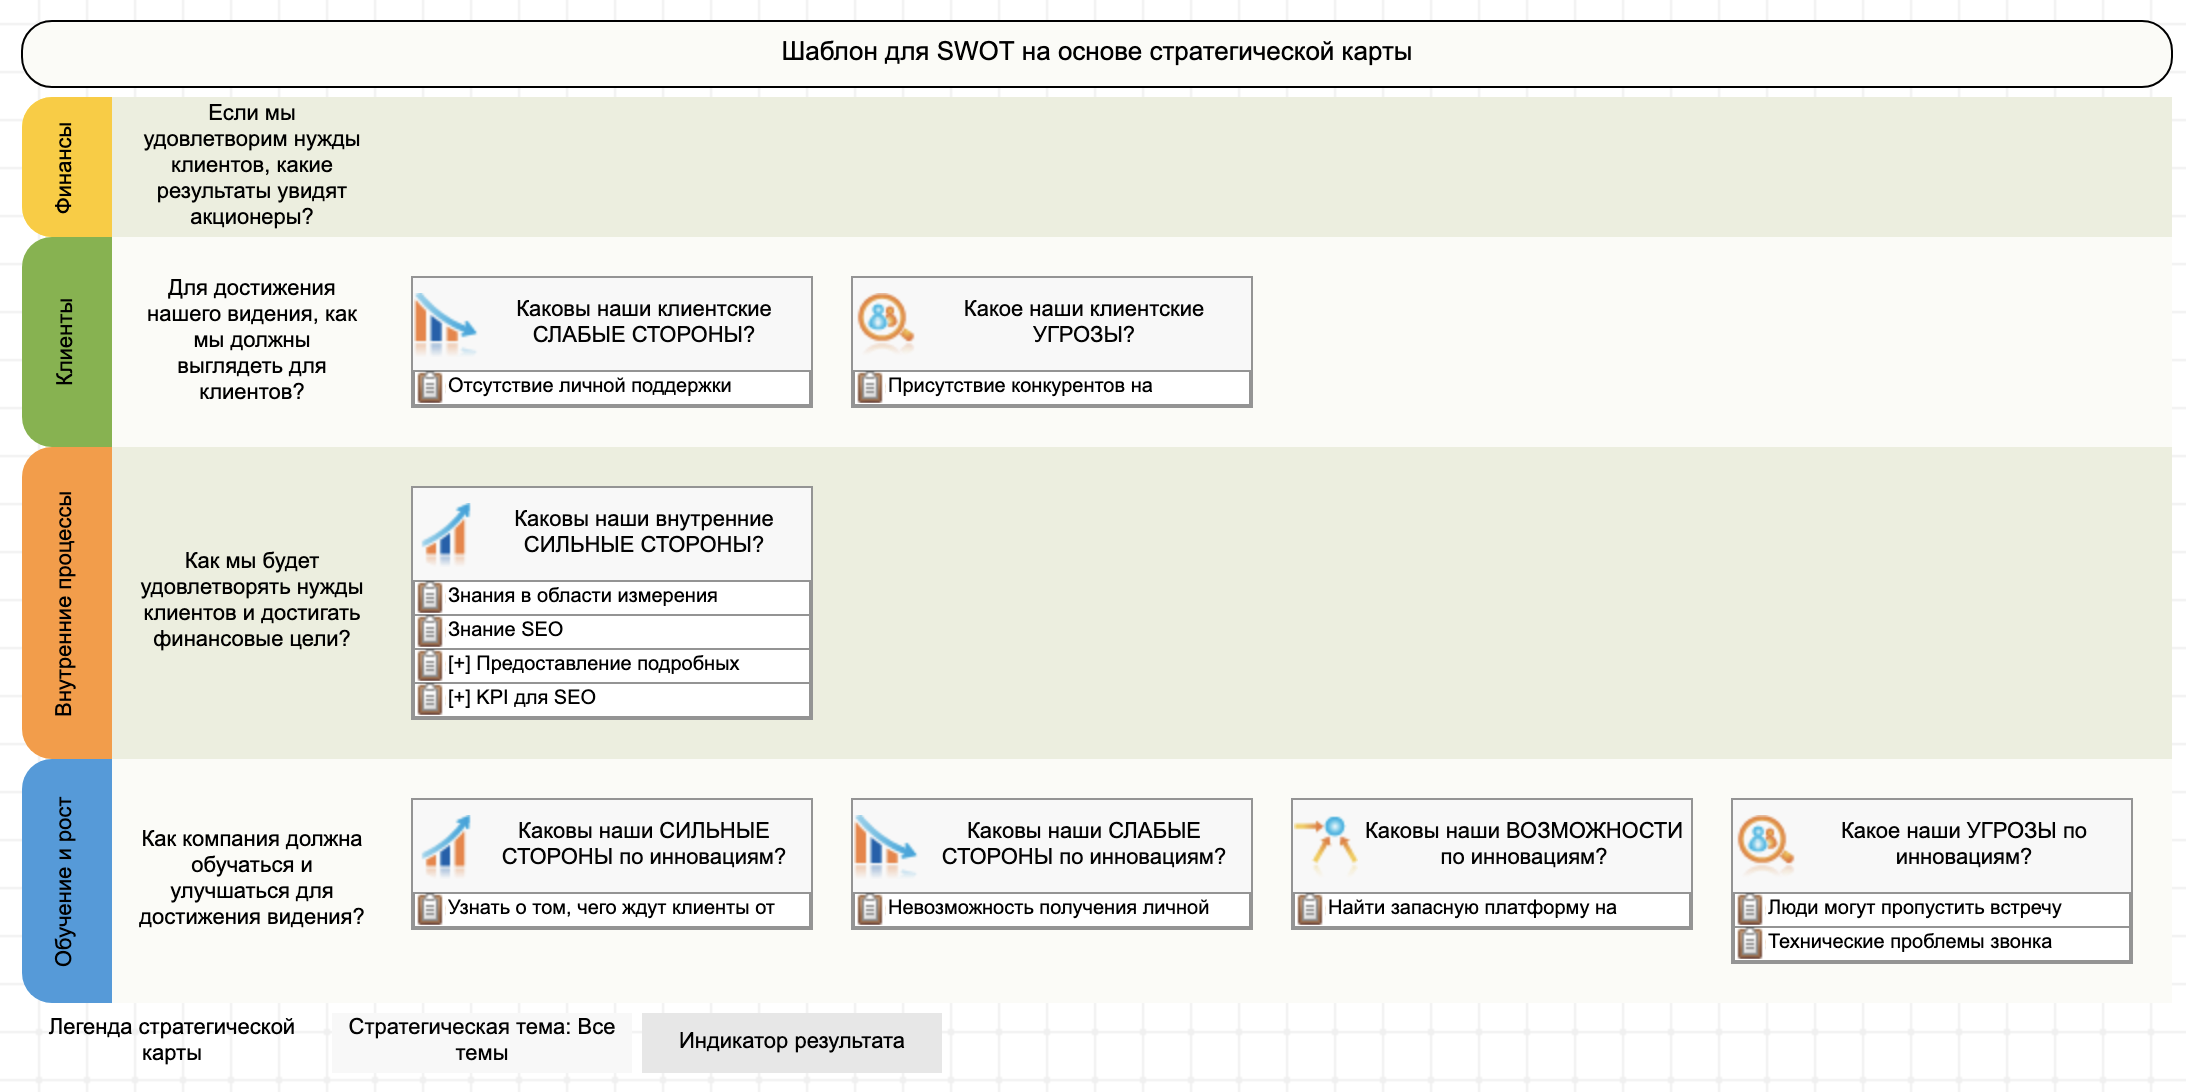 Использование шаблона SWOT+S для размещения на карте идей перспективы инноваций